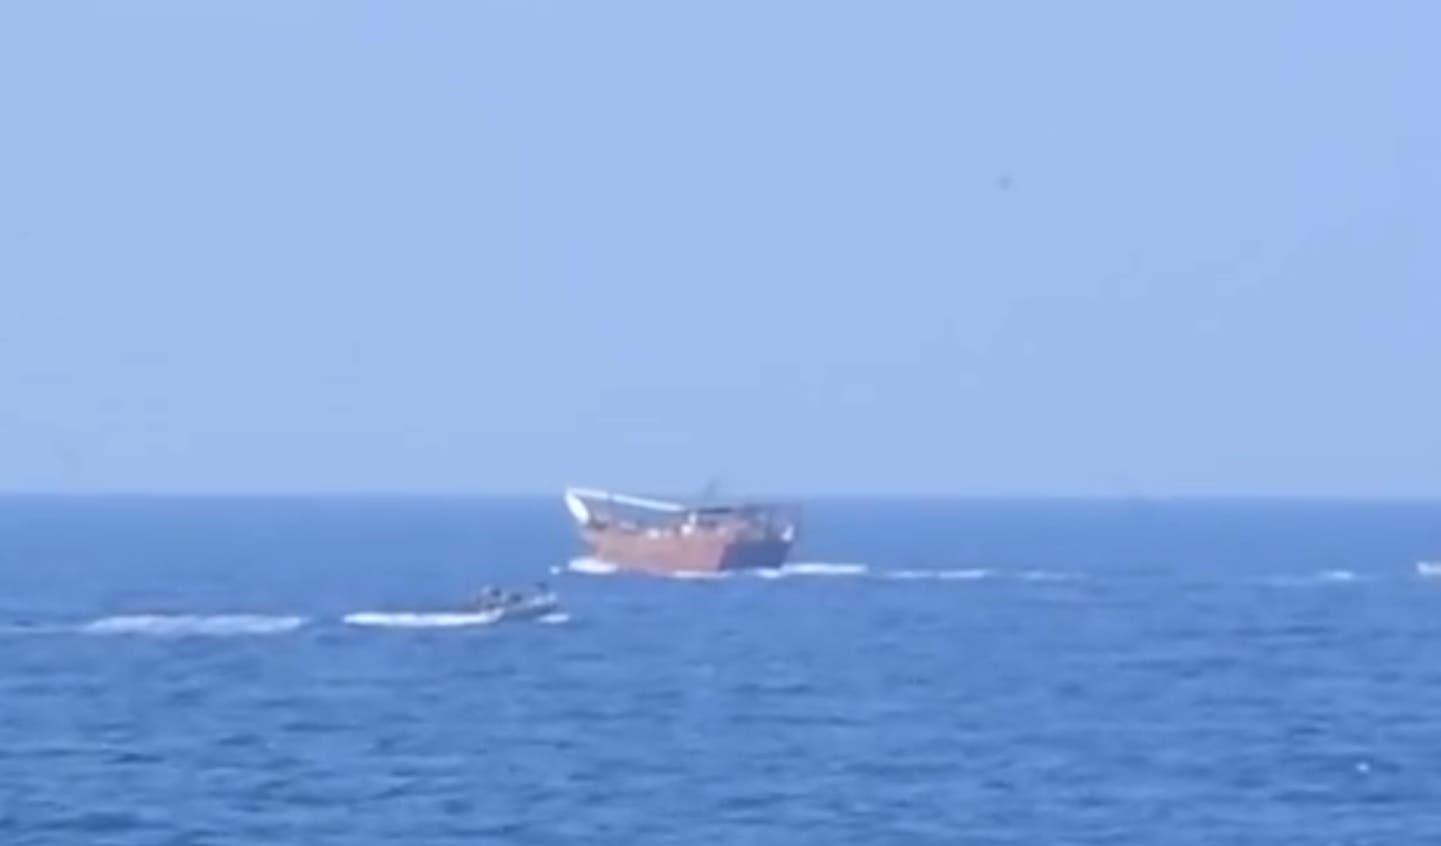 قارب أسلحة مهربة في بحر العرب